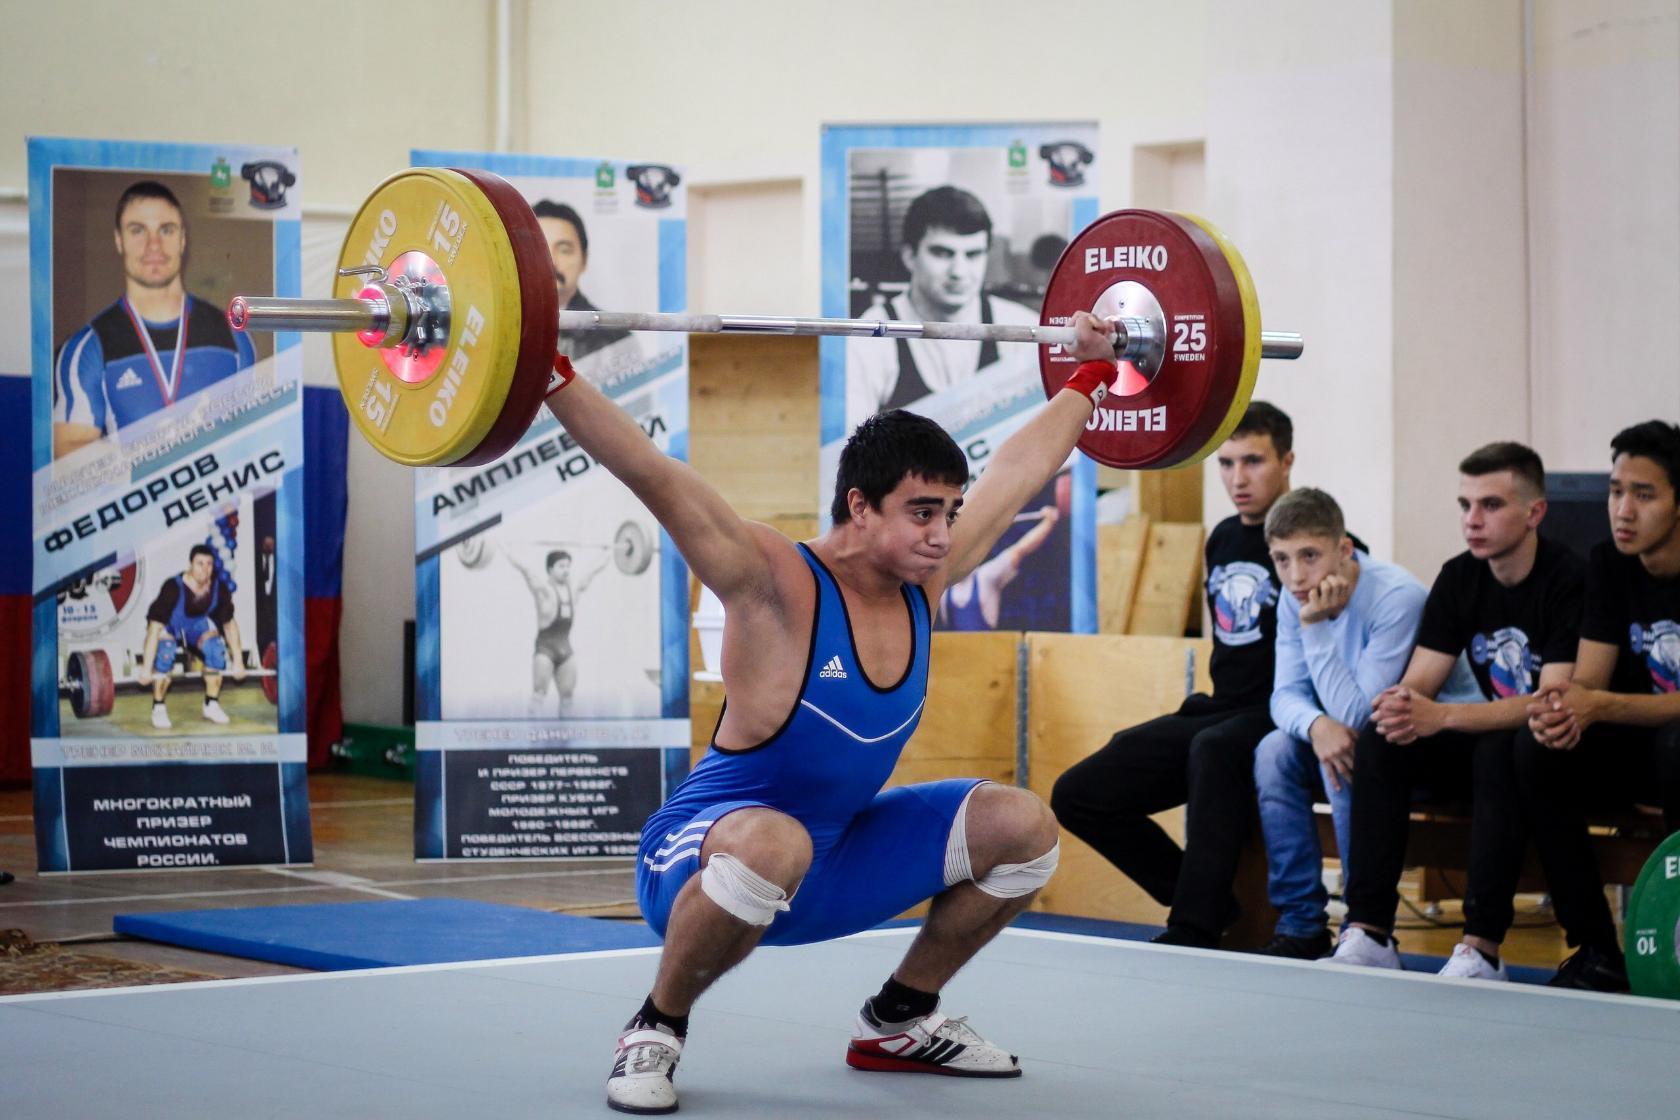 Александр Рытов занял 1 место на Чемпионате города Томска по тяжелой атлетике